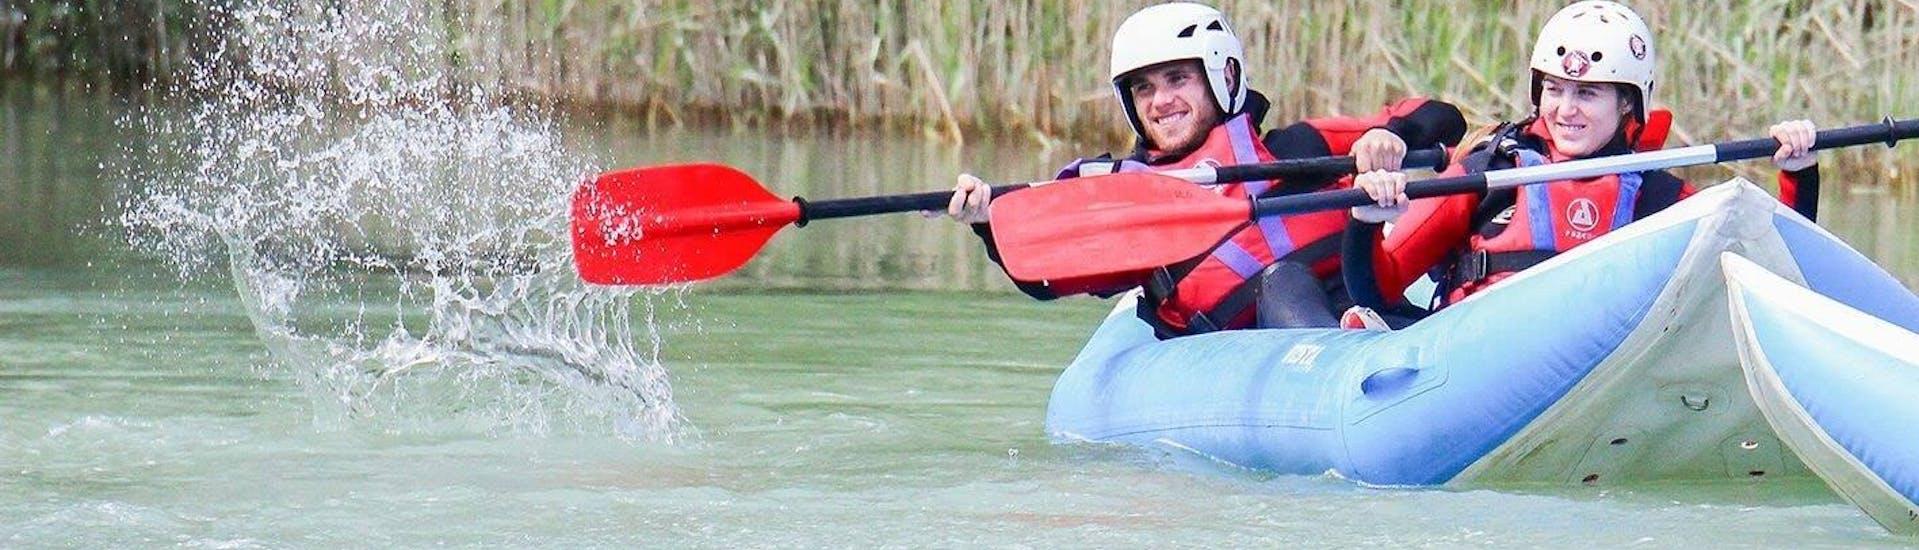 Canoe-Raft on the Río Gállego